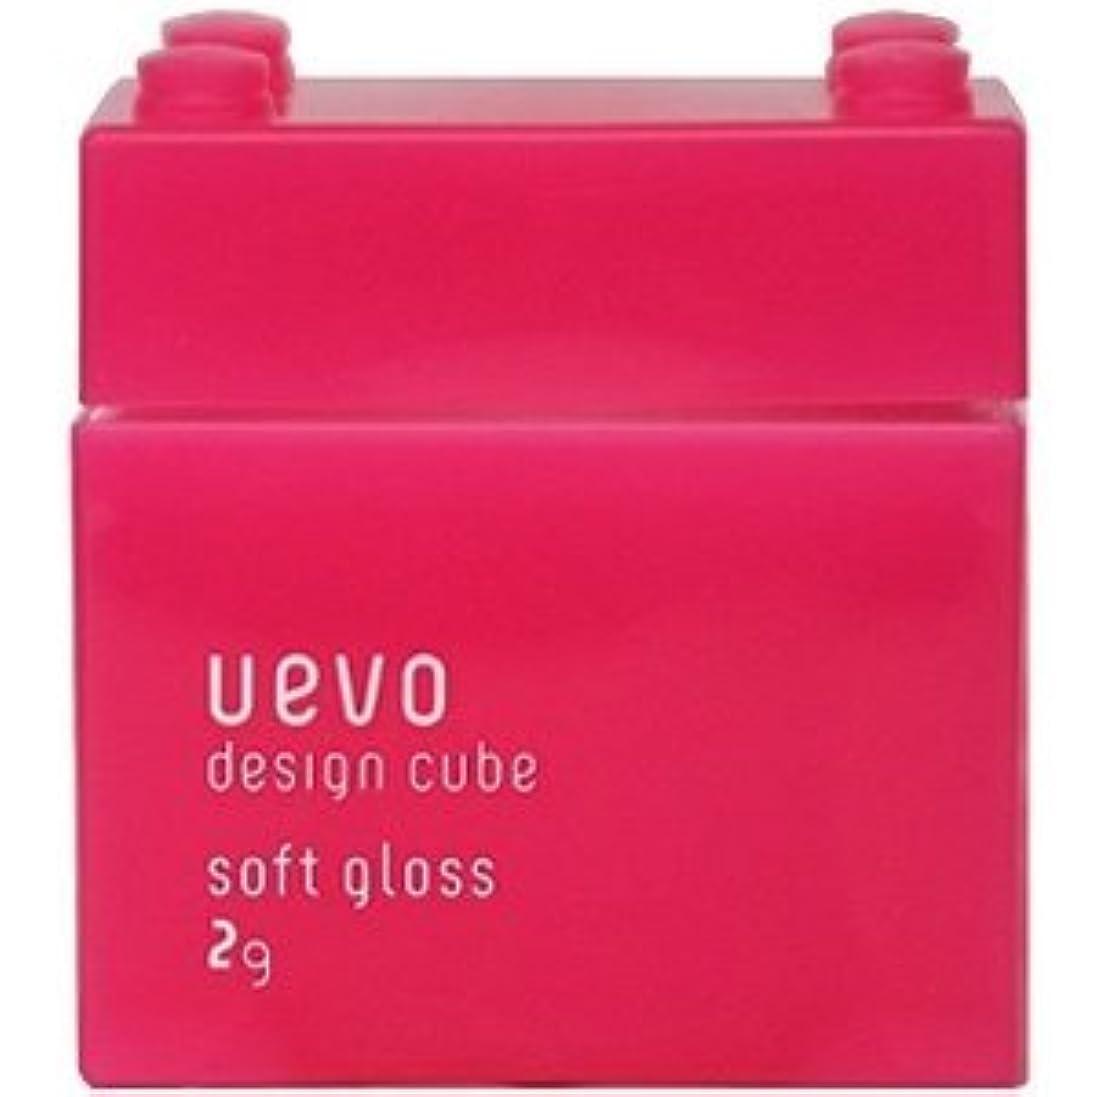 巨大ハチナース【X2個セット】 デミ ウェーボ デザインキューブ ソフトグロス 80g soft gloss DEMI uevo design cube